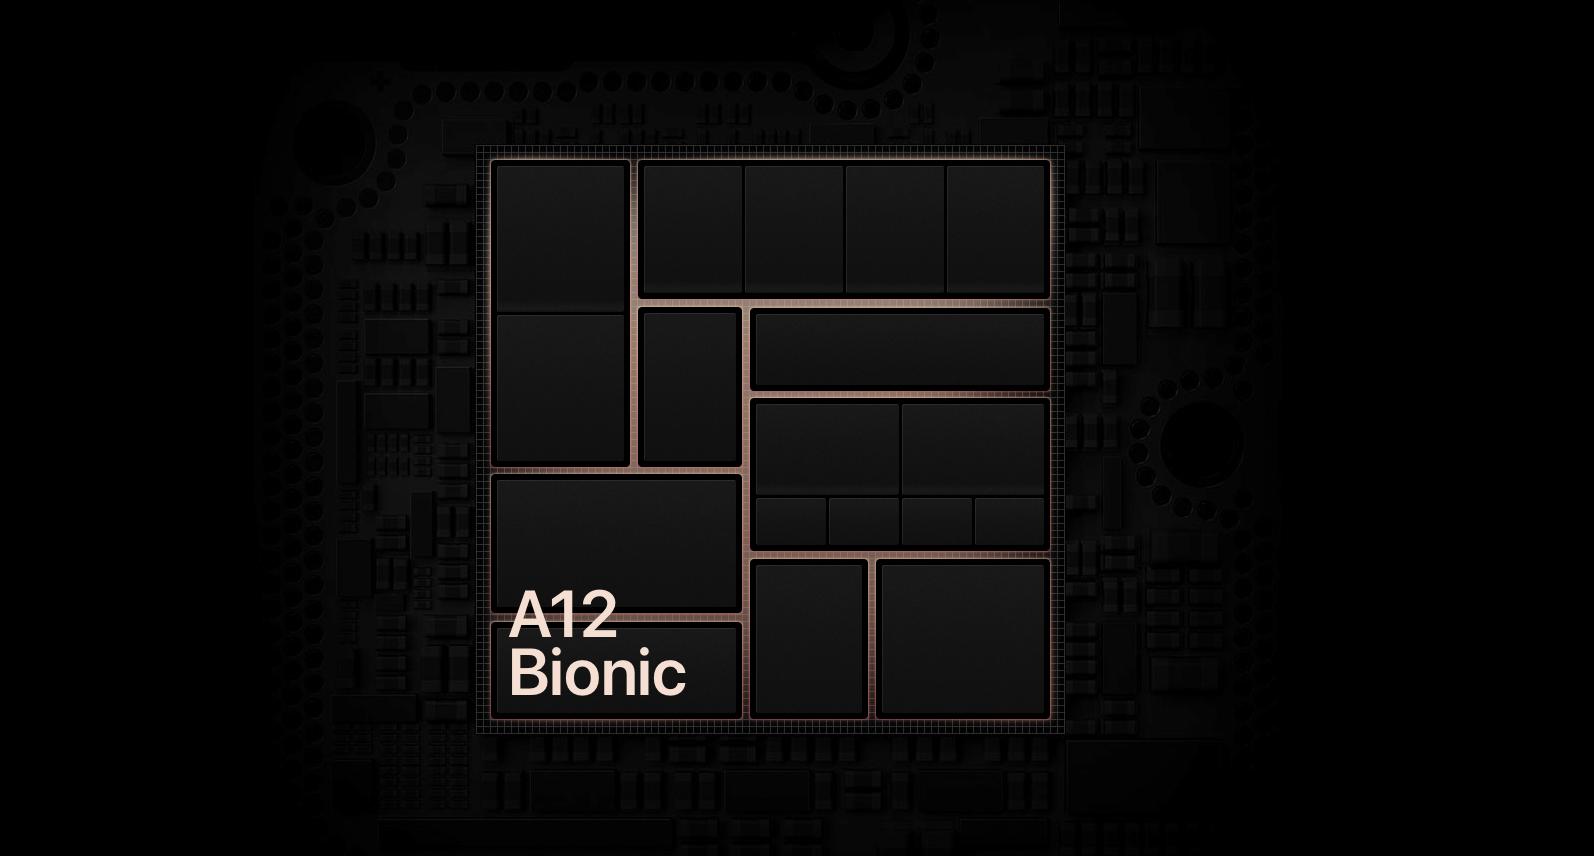 A12 bionic.image